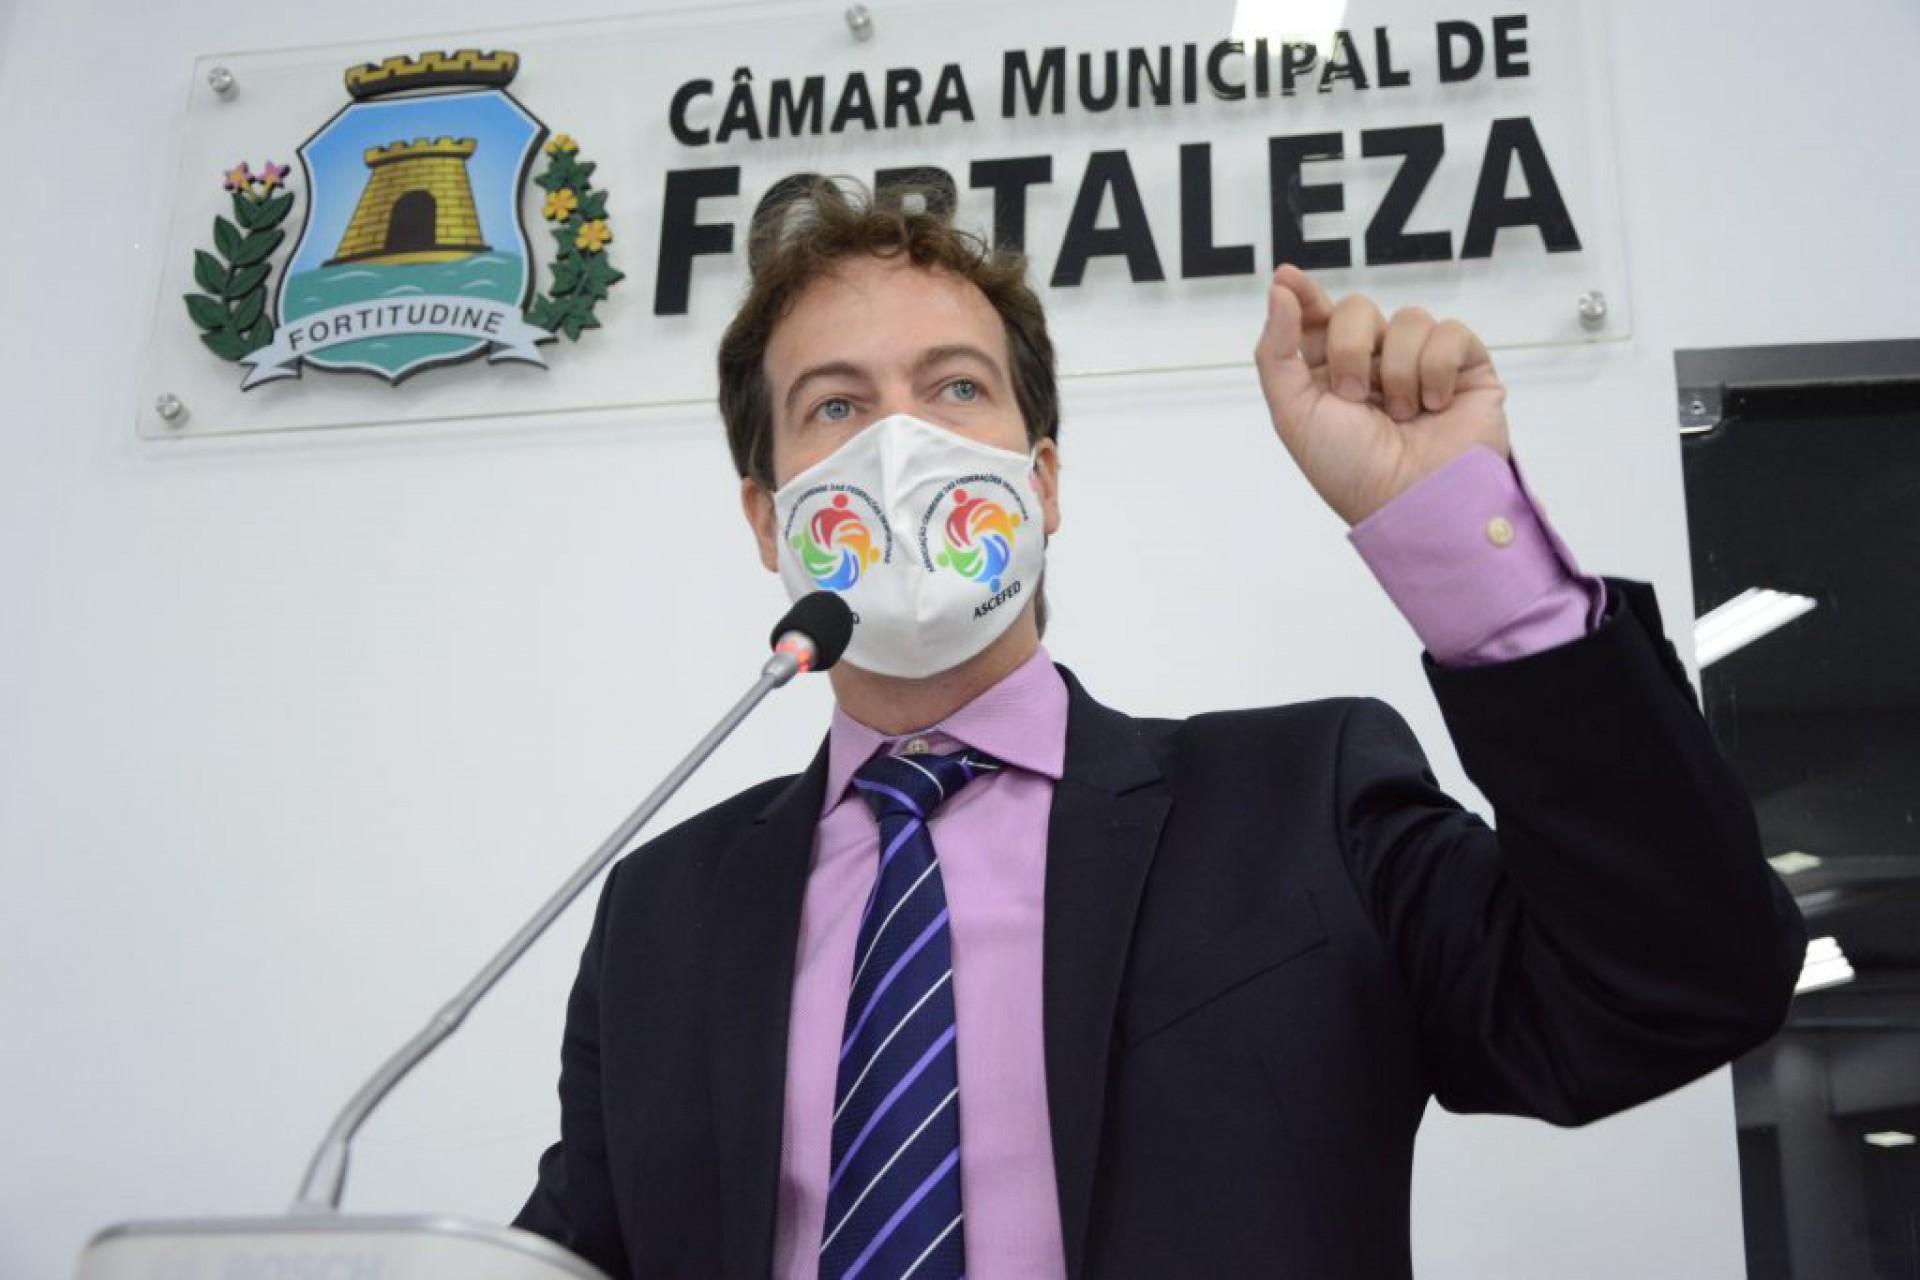 Artigo - Senador Girão, vergonha no atacado e no varejo